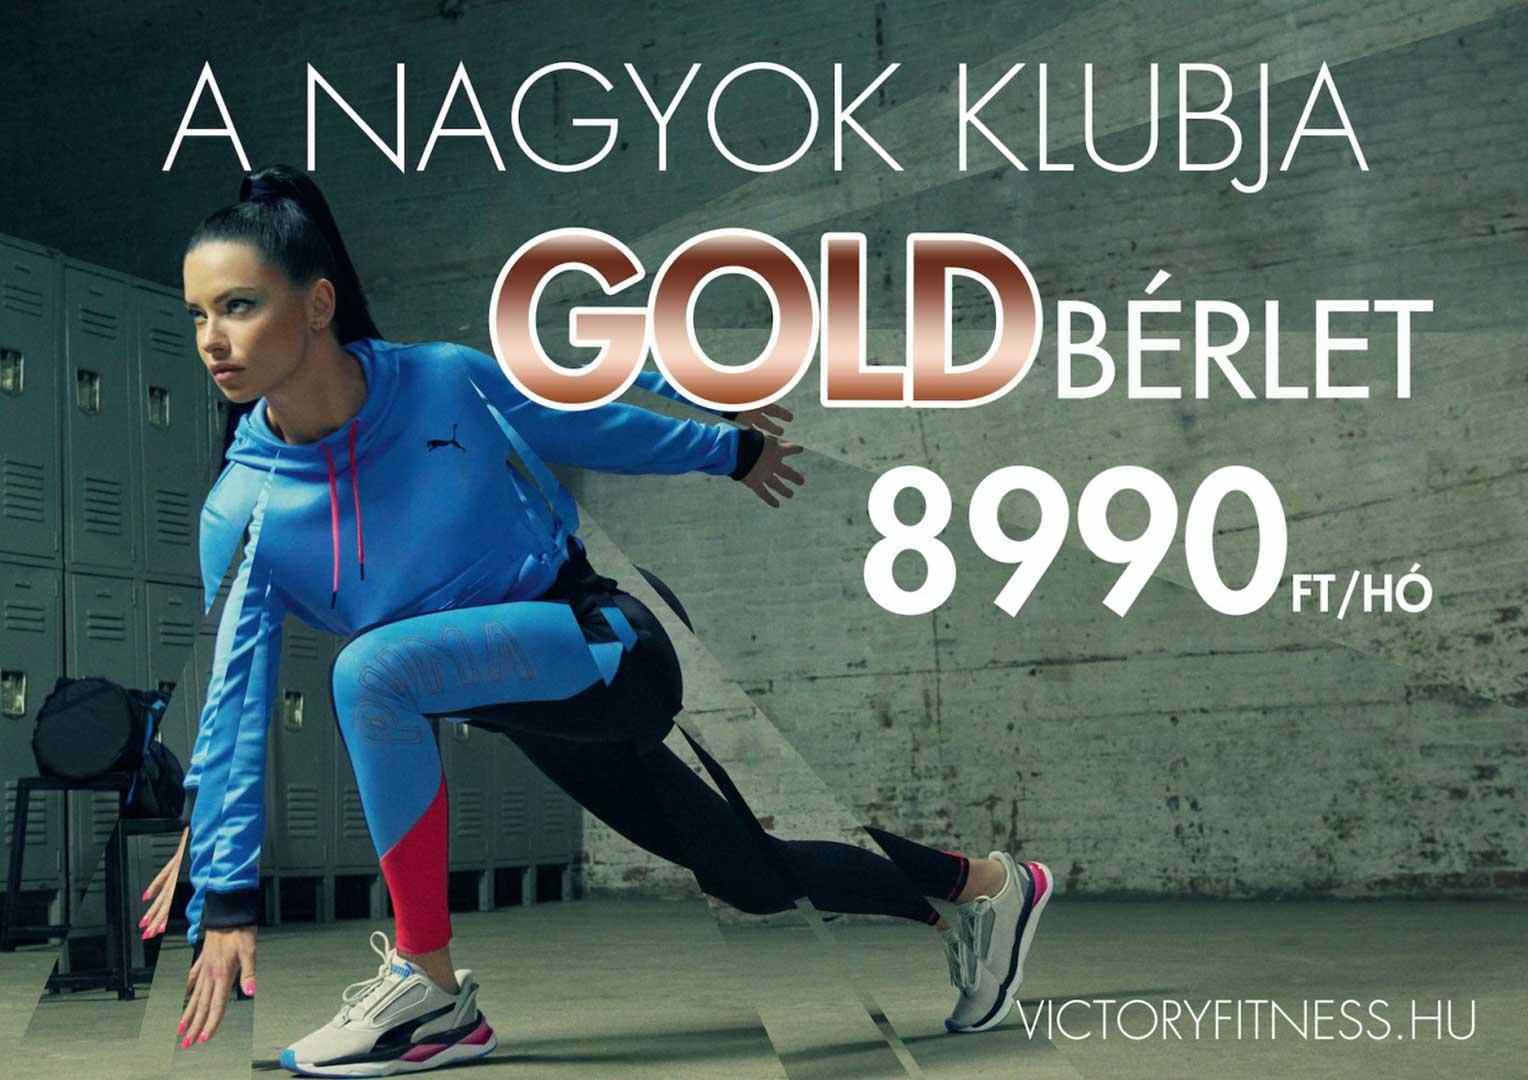 Gold bérlet 8990